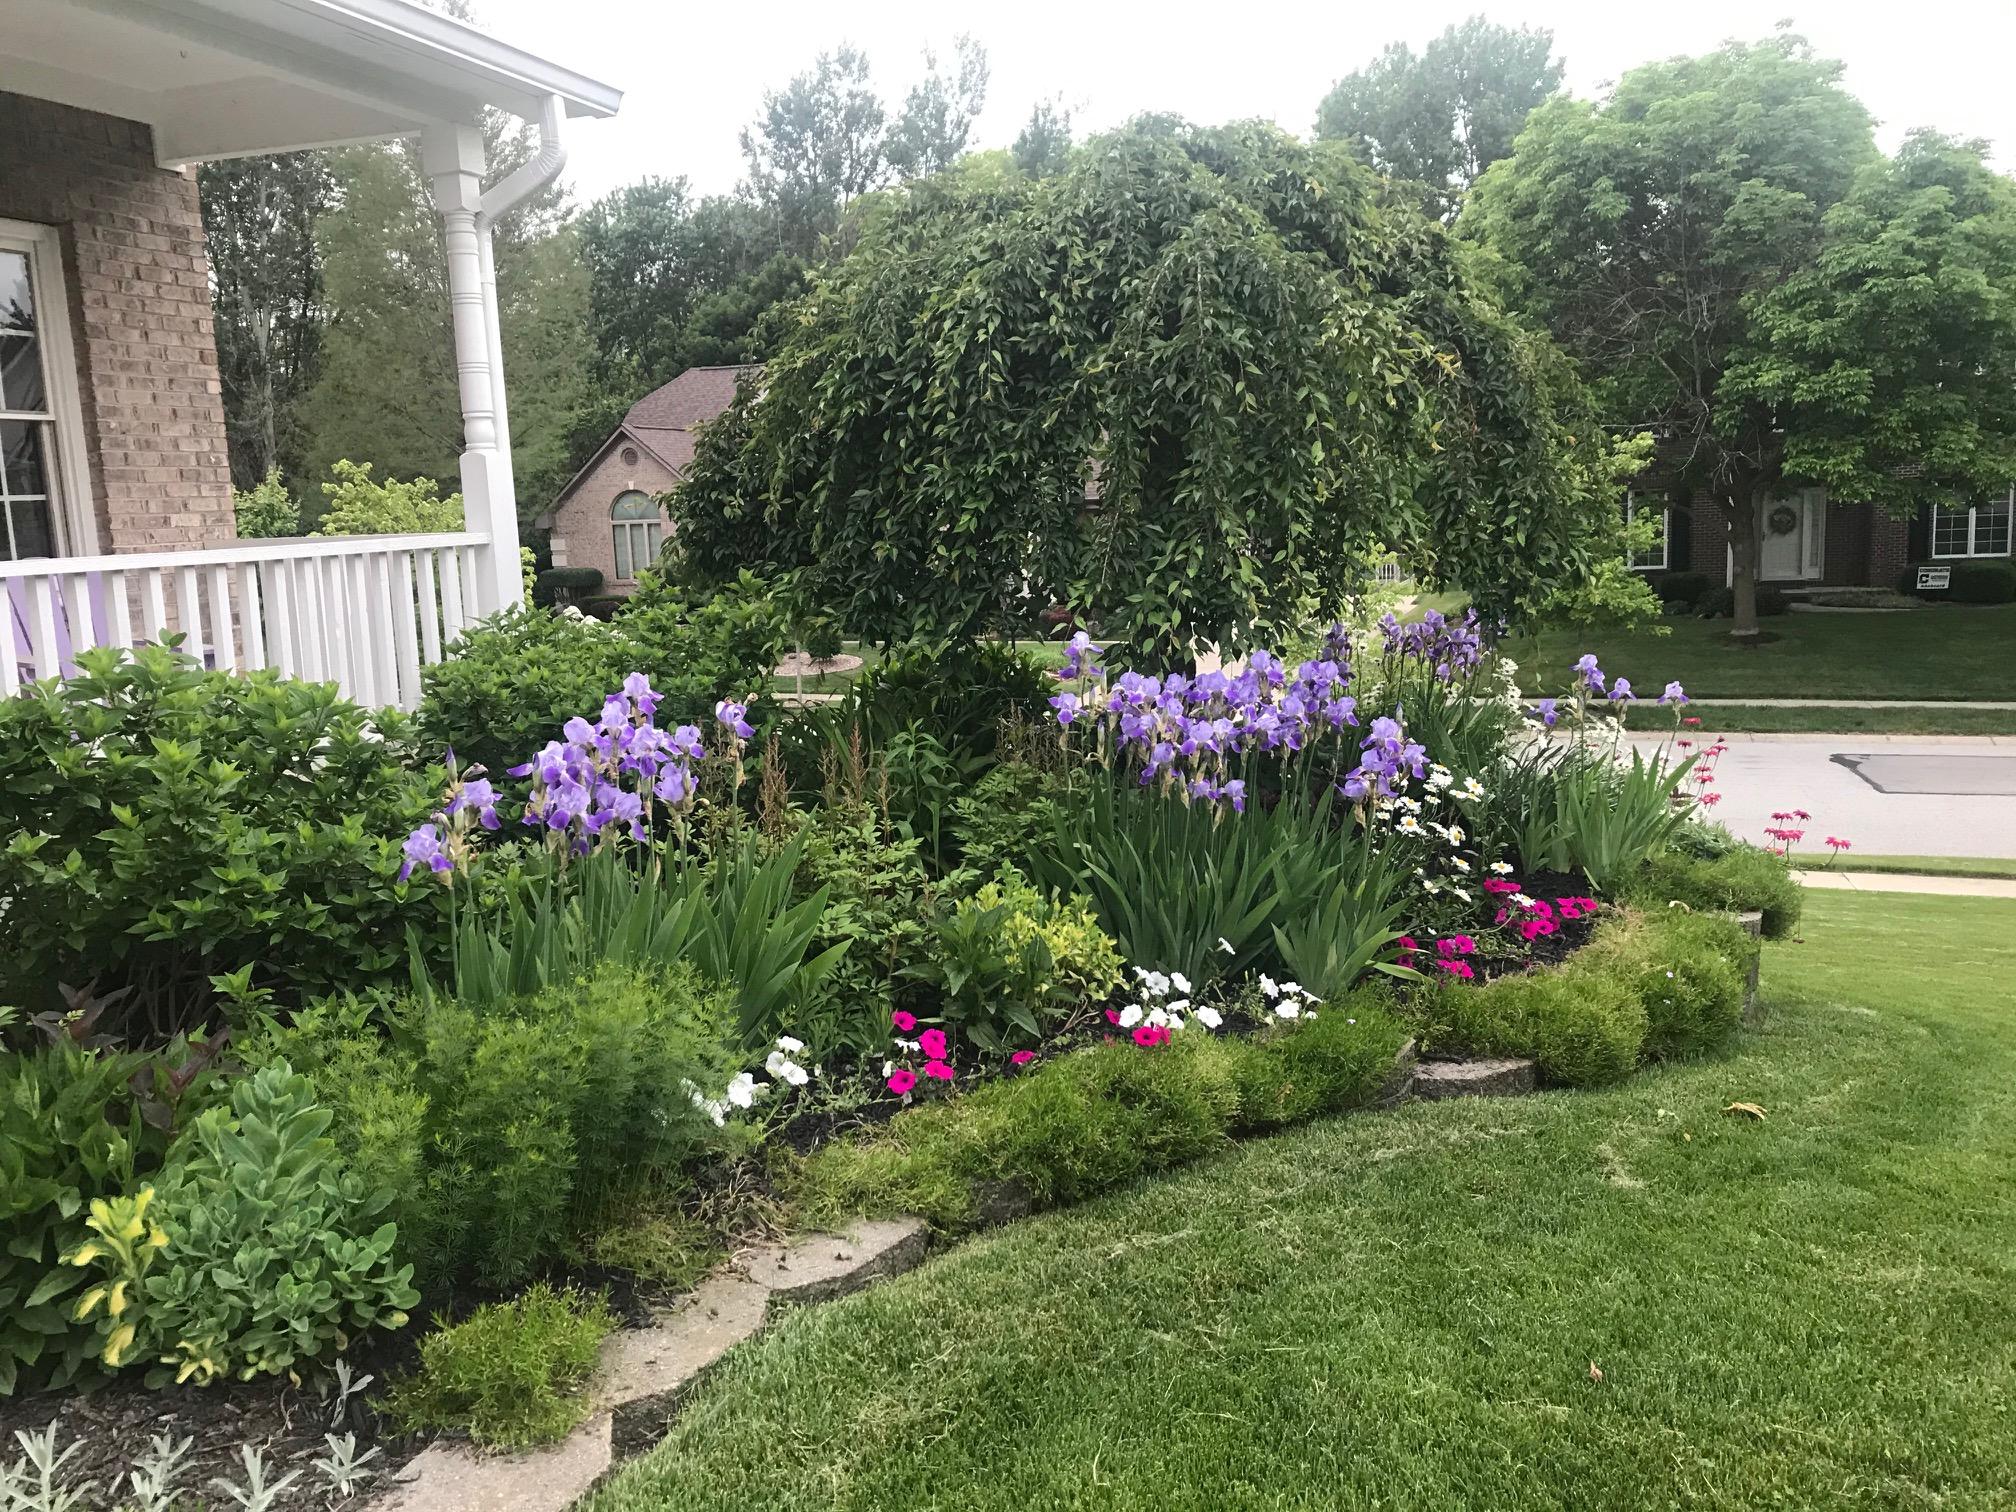 a far away photo of a garden